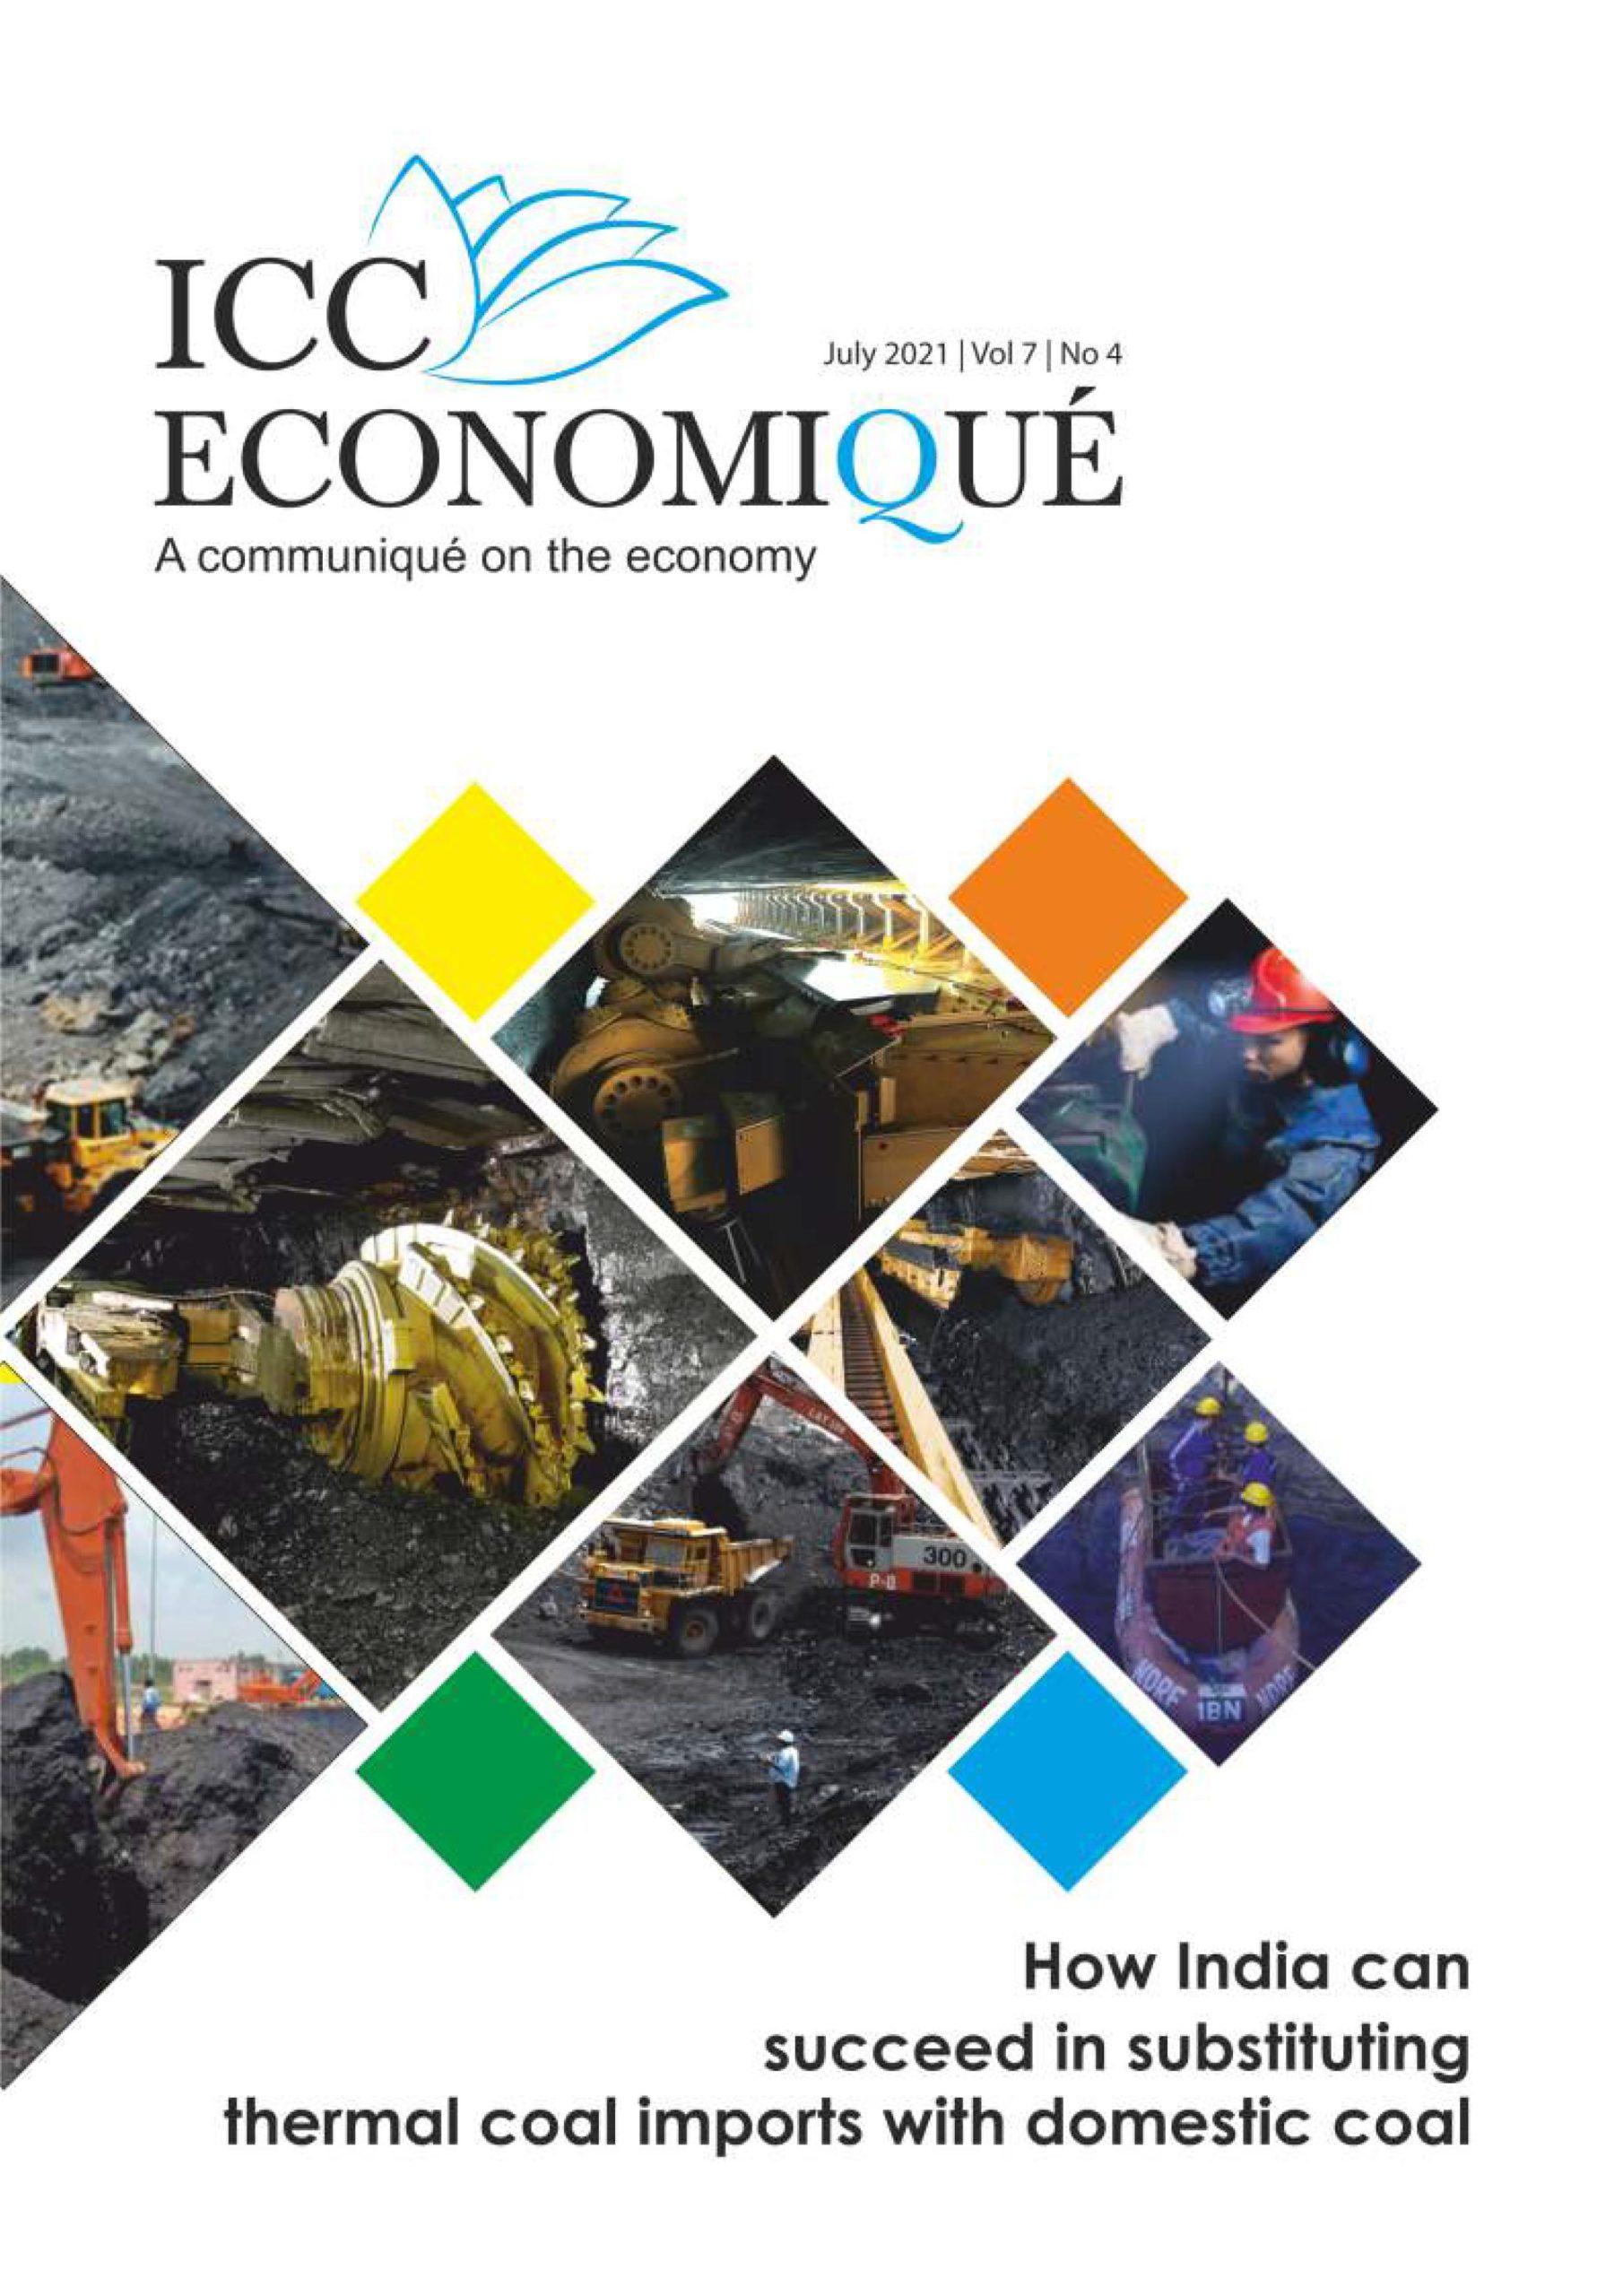 ICC Economique July 2021   Vol 7   No 4